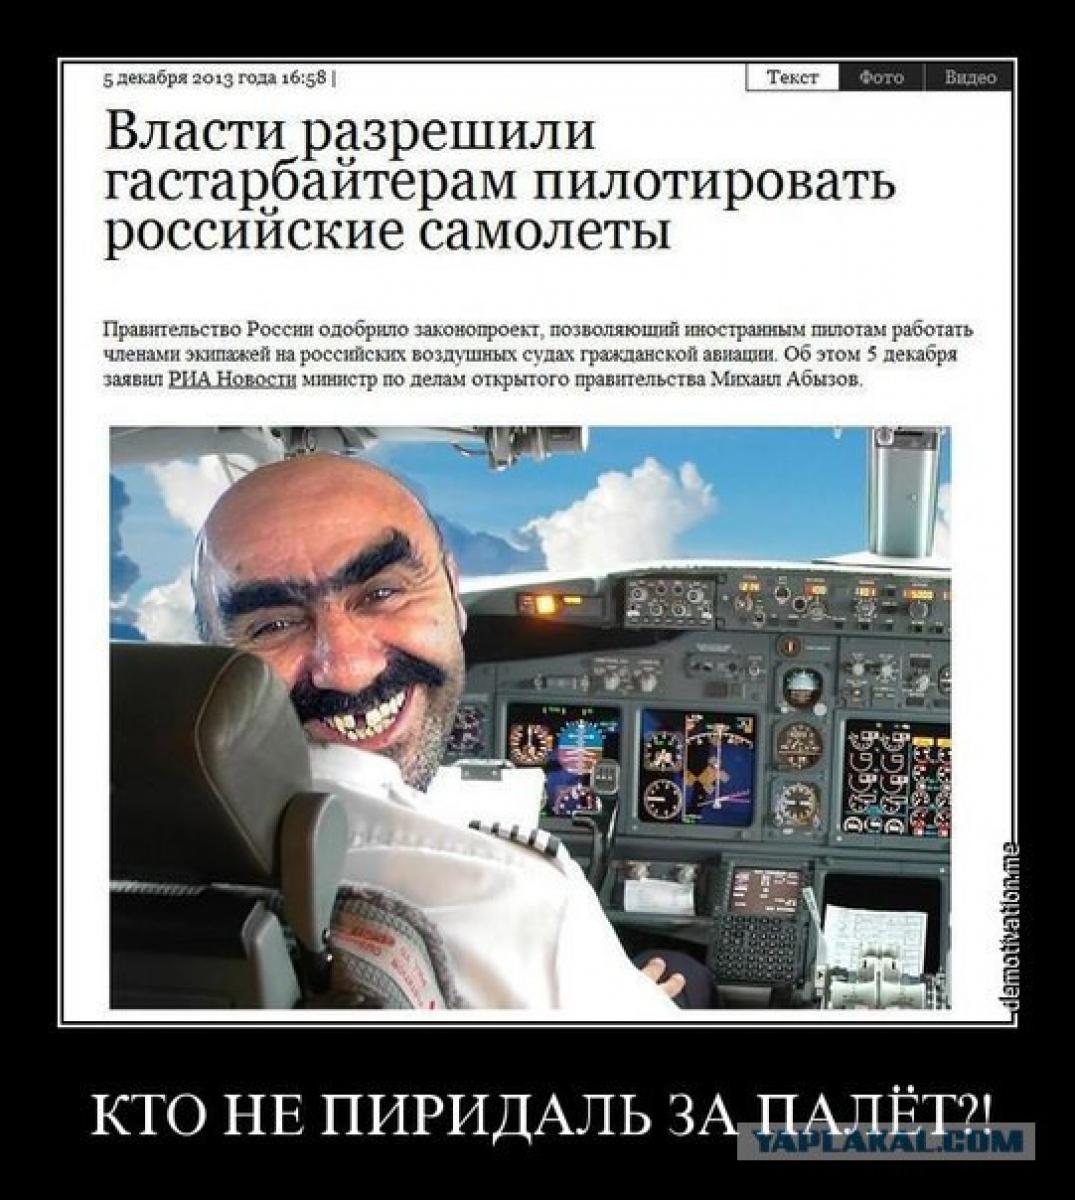 Демотиватор в самолете